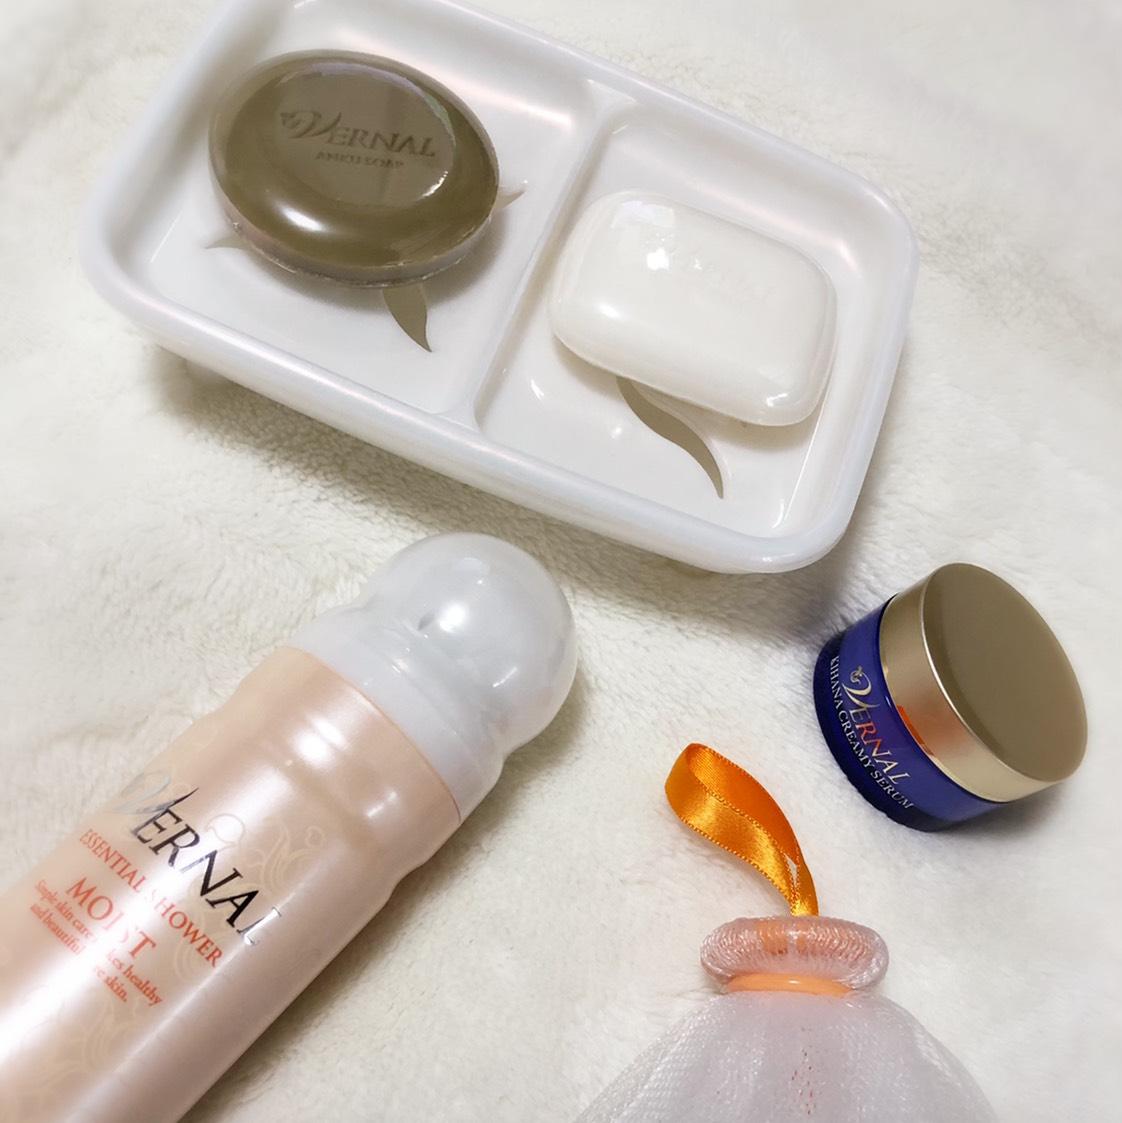 素肌つるつるセット    汚れを根こそぎ落とすクレンジング石鹸と、 キメをふっくら整える仕上げ用石鹸を使うW洗顔が特徴です     くすみや乾燥による小じわ、 肌荒れやごわつきなど、お肌のお悩みを 解決に導いてくれますよ❤️❤️